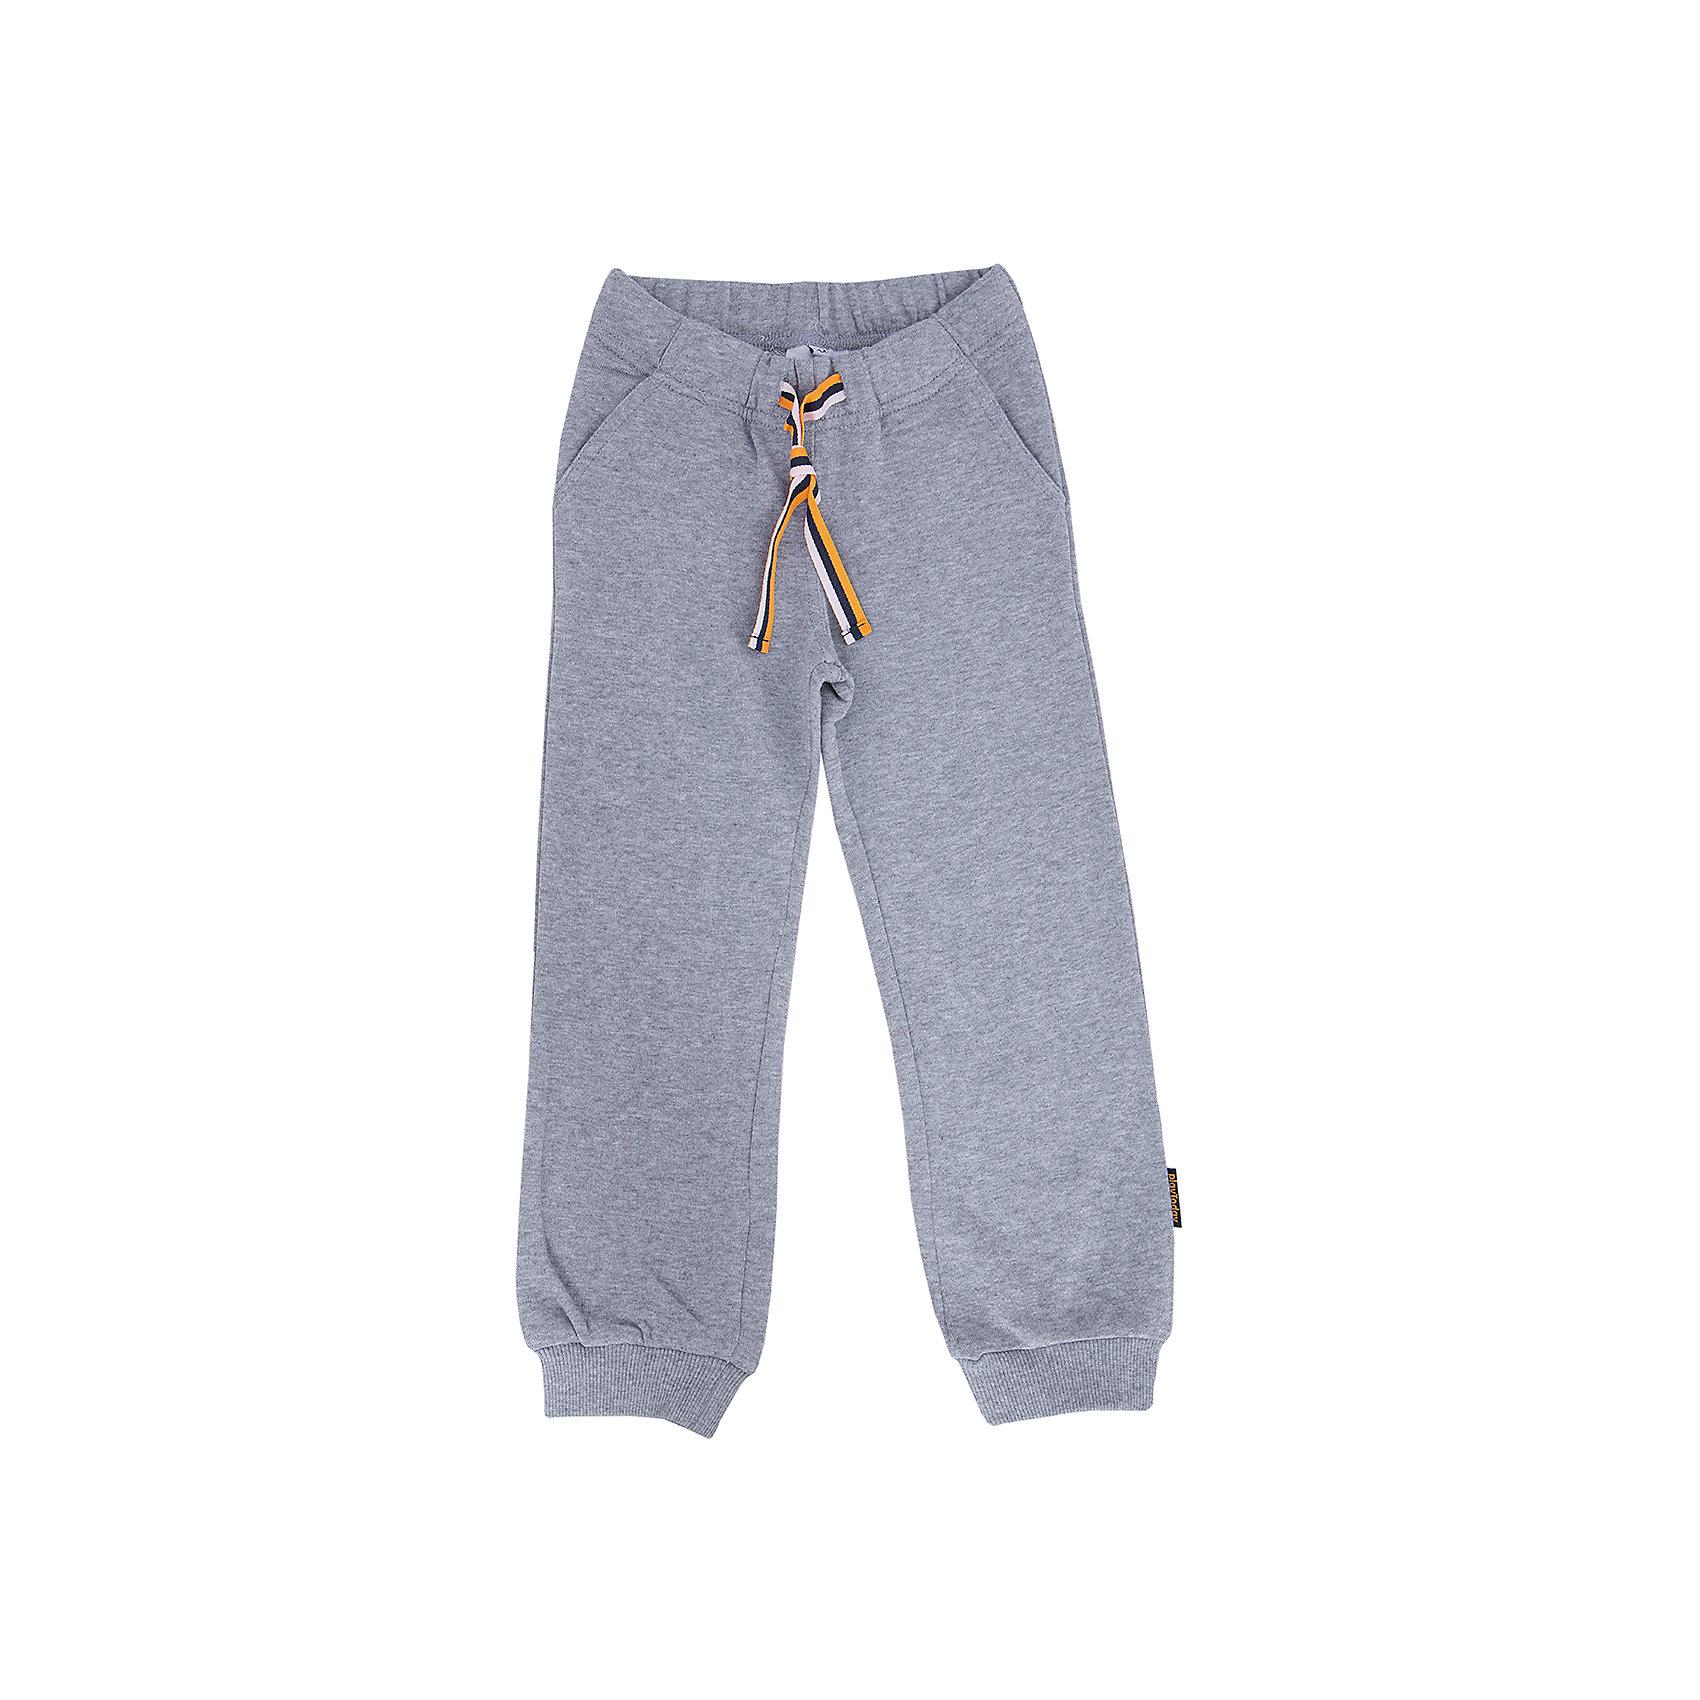 Брюки для мальчика PlayTodayБрюки<br>Брюки для мальчика от известного бренда PlayToday.<br>Уютные брюки из футера в спортивном стиле. Пояс на резинке, дополнительно регулируется яркой тесьмой. Есть 3 функциональных кармана. Низ штанишек на широкой трикотажной резинке.<br>Состав:<br>80% хлопок, 20% полиэстер<br><br>Ширина мм: 215<br>Глубина мм: 88<br>Высота мм: 191<br>Вес г: 336<br>Цвет: серый<br>Возраст от месяцев: 24<br>Возраст до месяцев: 36<br>Пол: Мужской<br>Возраст: Детский<br>Размер: 98,122,110,104,128,116<br>SKU: 4896787